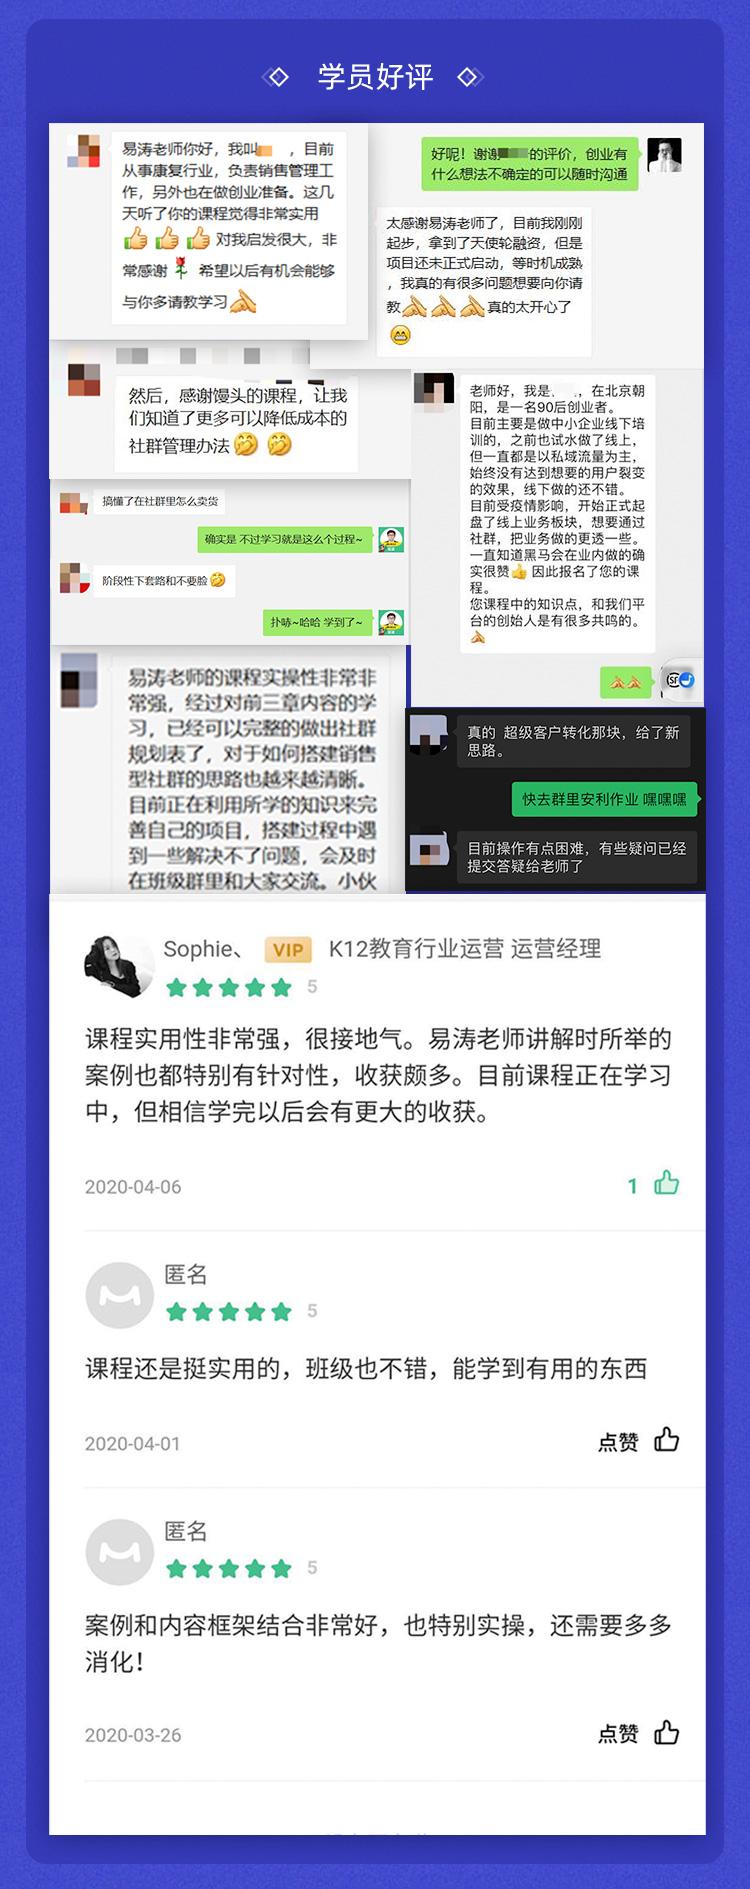 http://mtedu-img.oss-cn-beijing-internal.aliyuncs.com/ueditor/20200409133531_290551.jpg